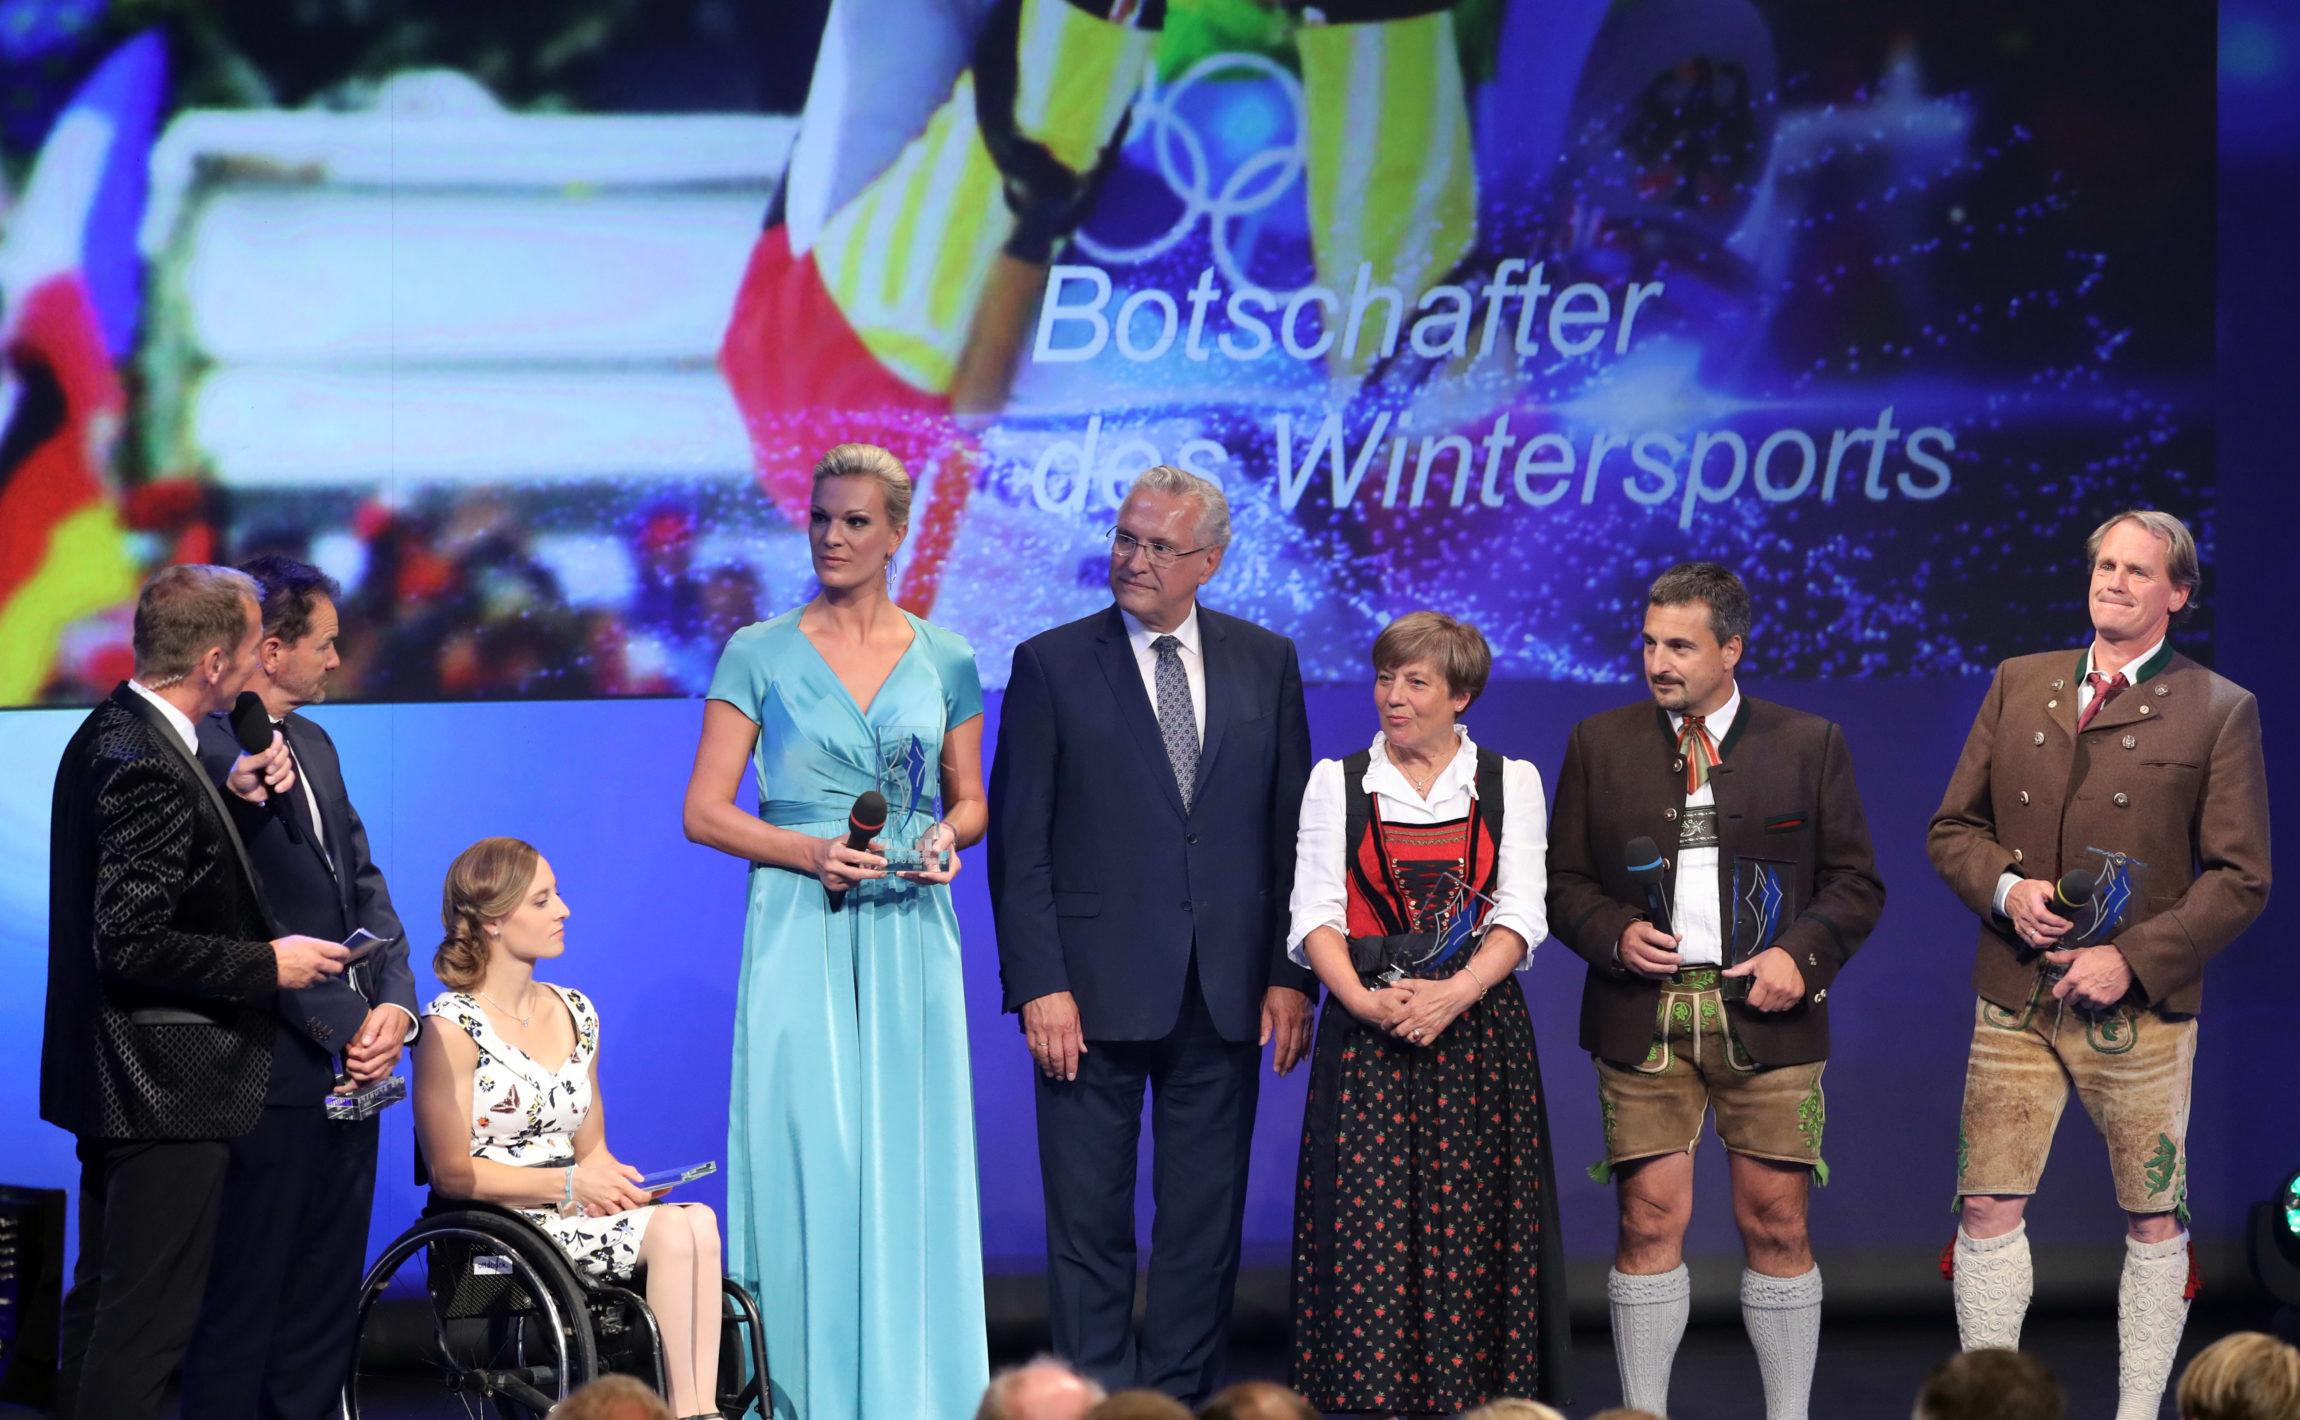 Bühnengespräch Botschafter des Wintersports